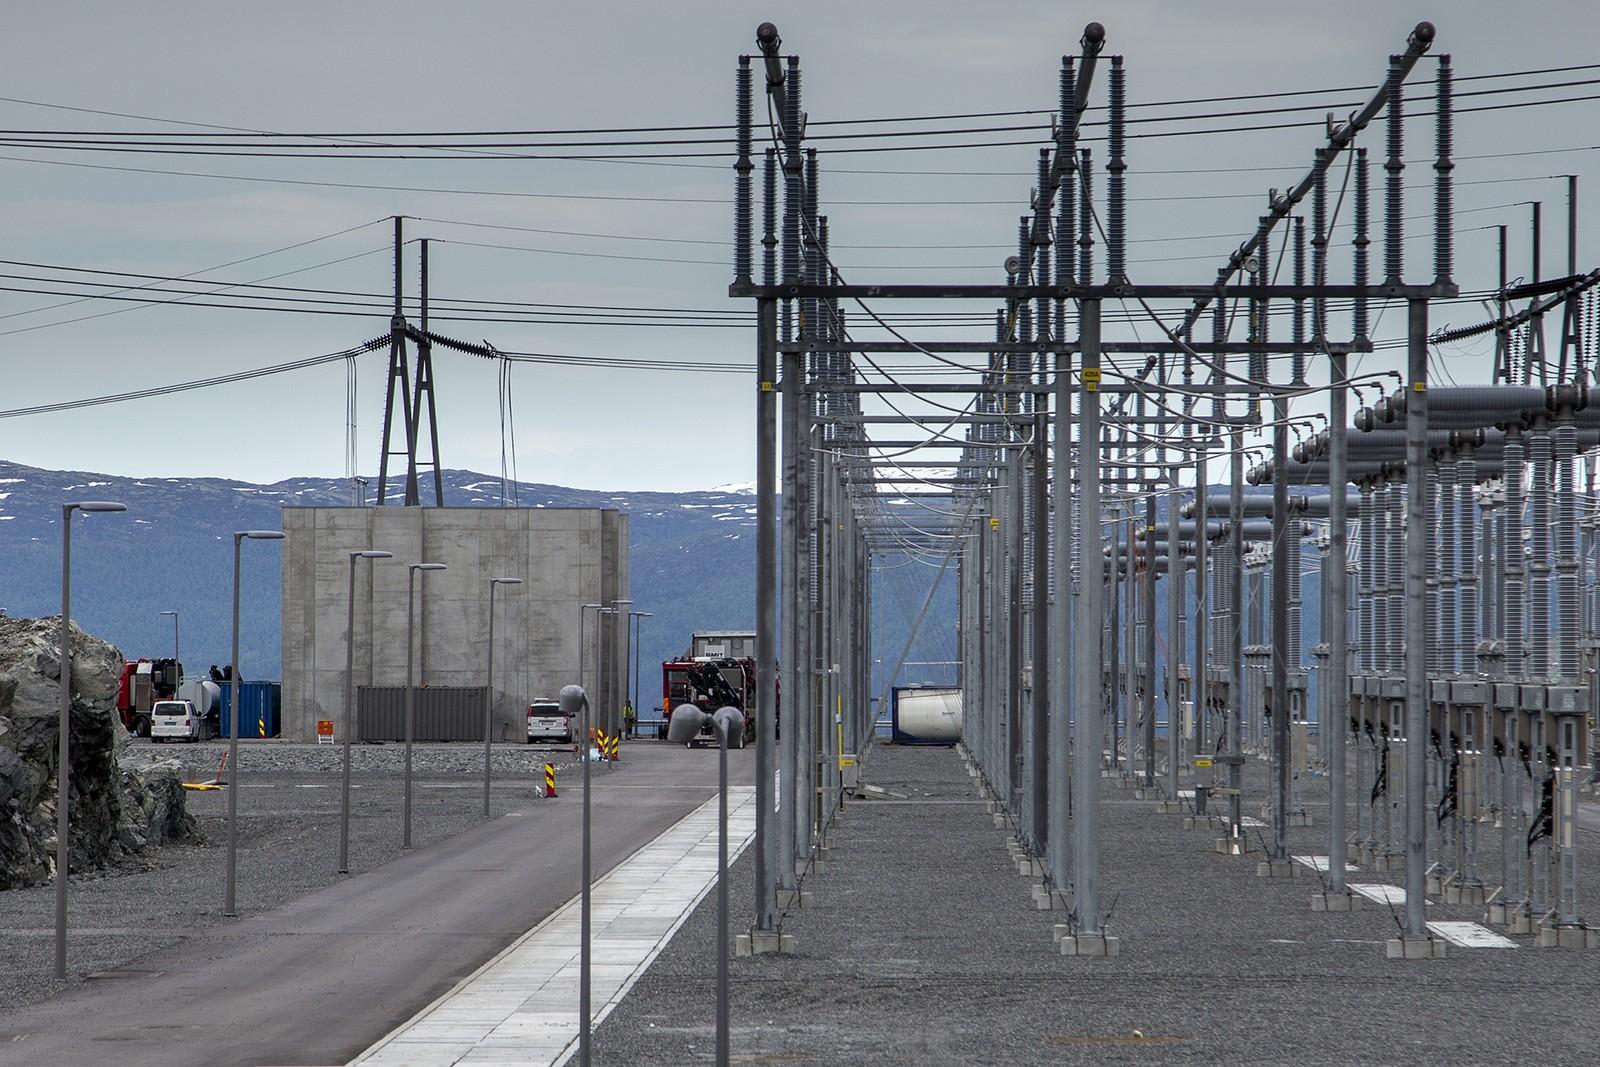 Sogndal trafostasjon er under bygging på Hagafjellet. Delar av stasjonen er sett i drift, resten er planlagt ferdigstilt i løpet av året. Kostnadane vil ende på 700-800 millionar kroner, inkludert vegar.